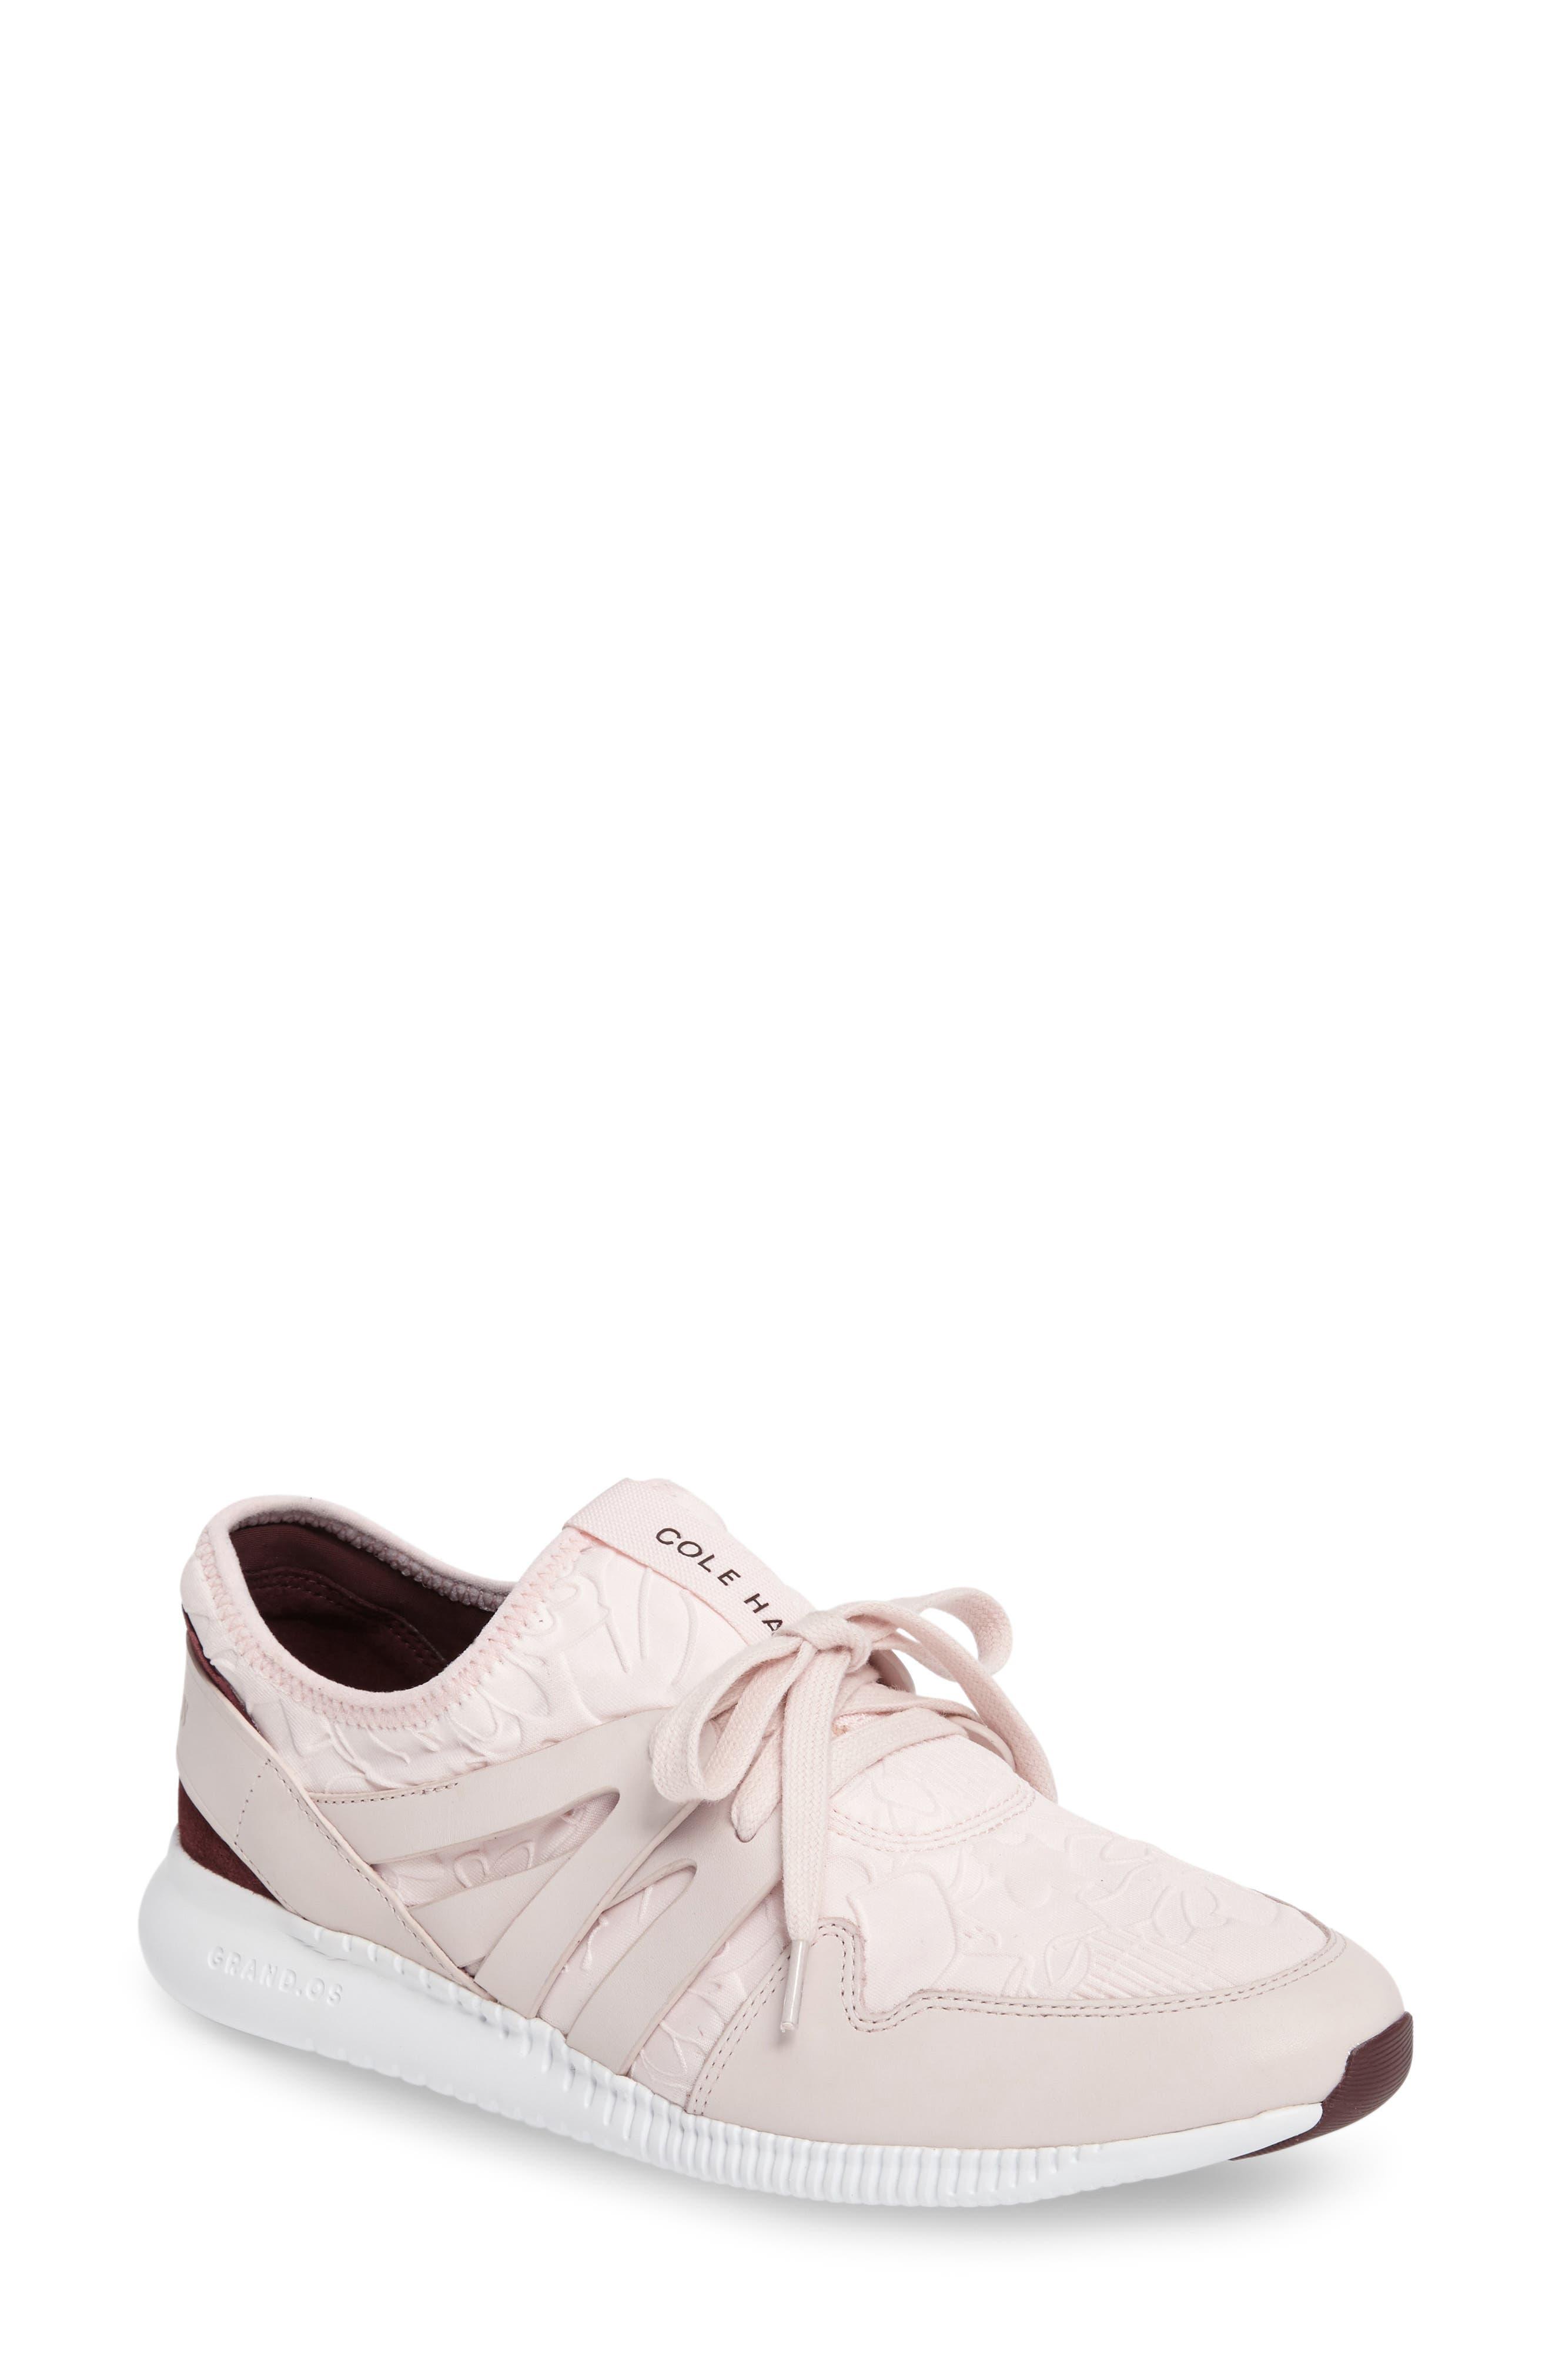 Main Image - Cole Haan 'StudioGrand' Sneaker (Women)